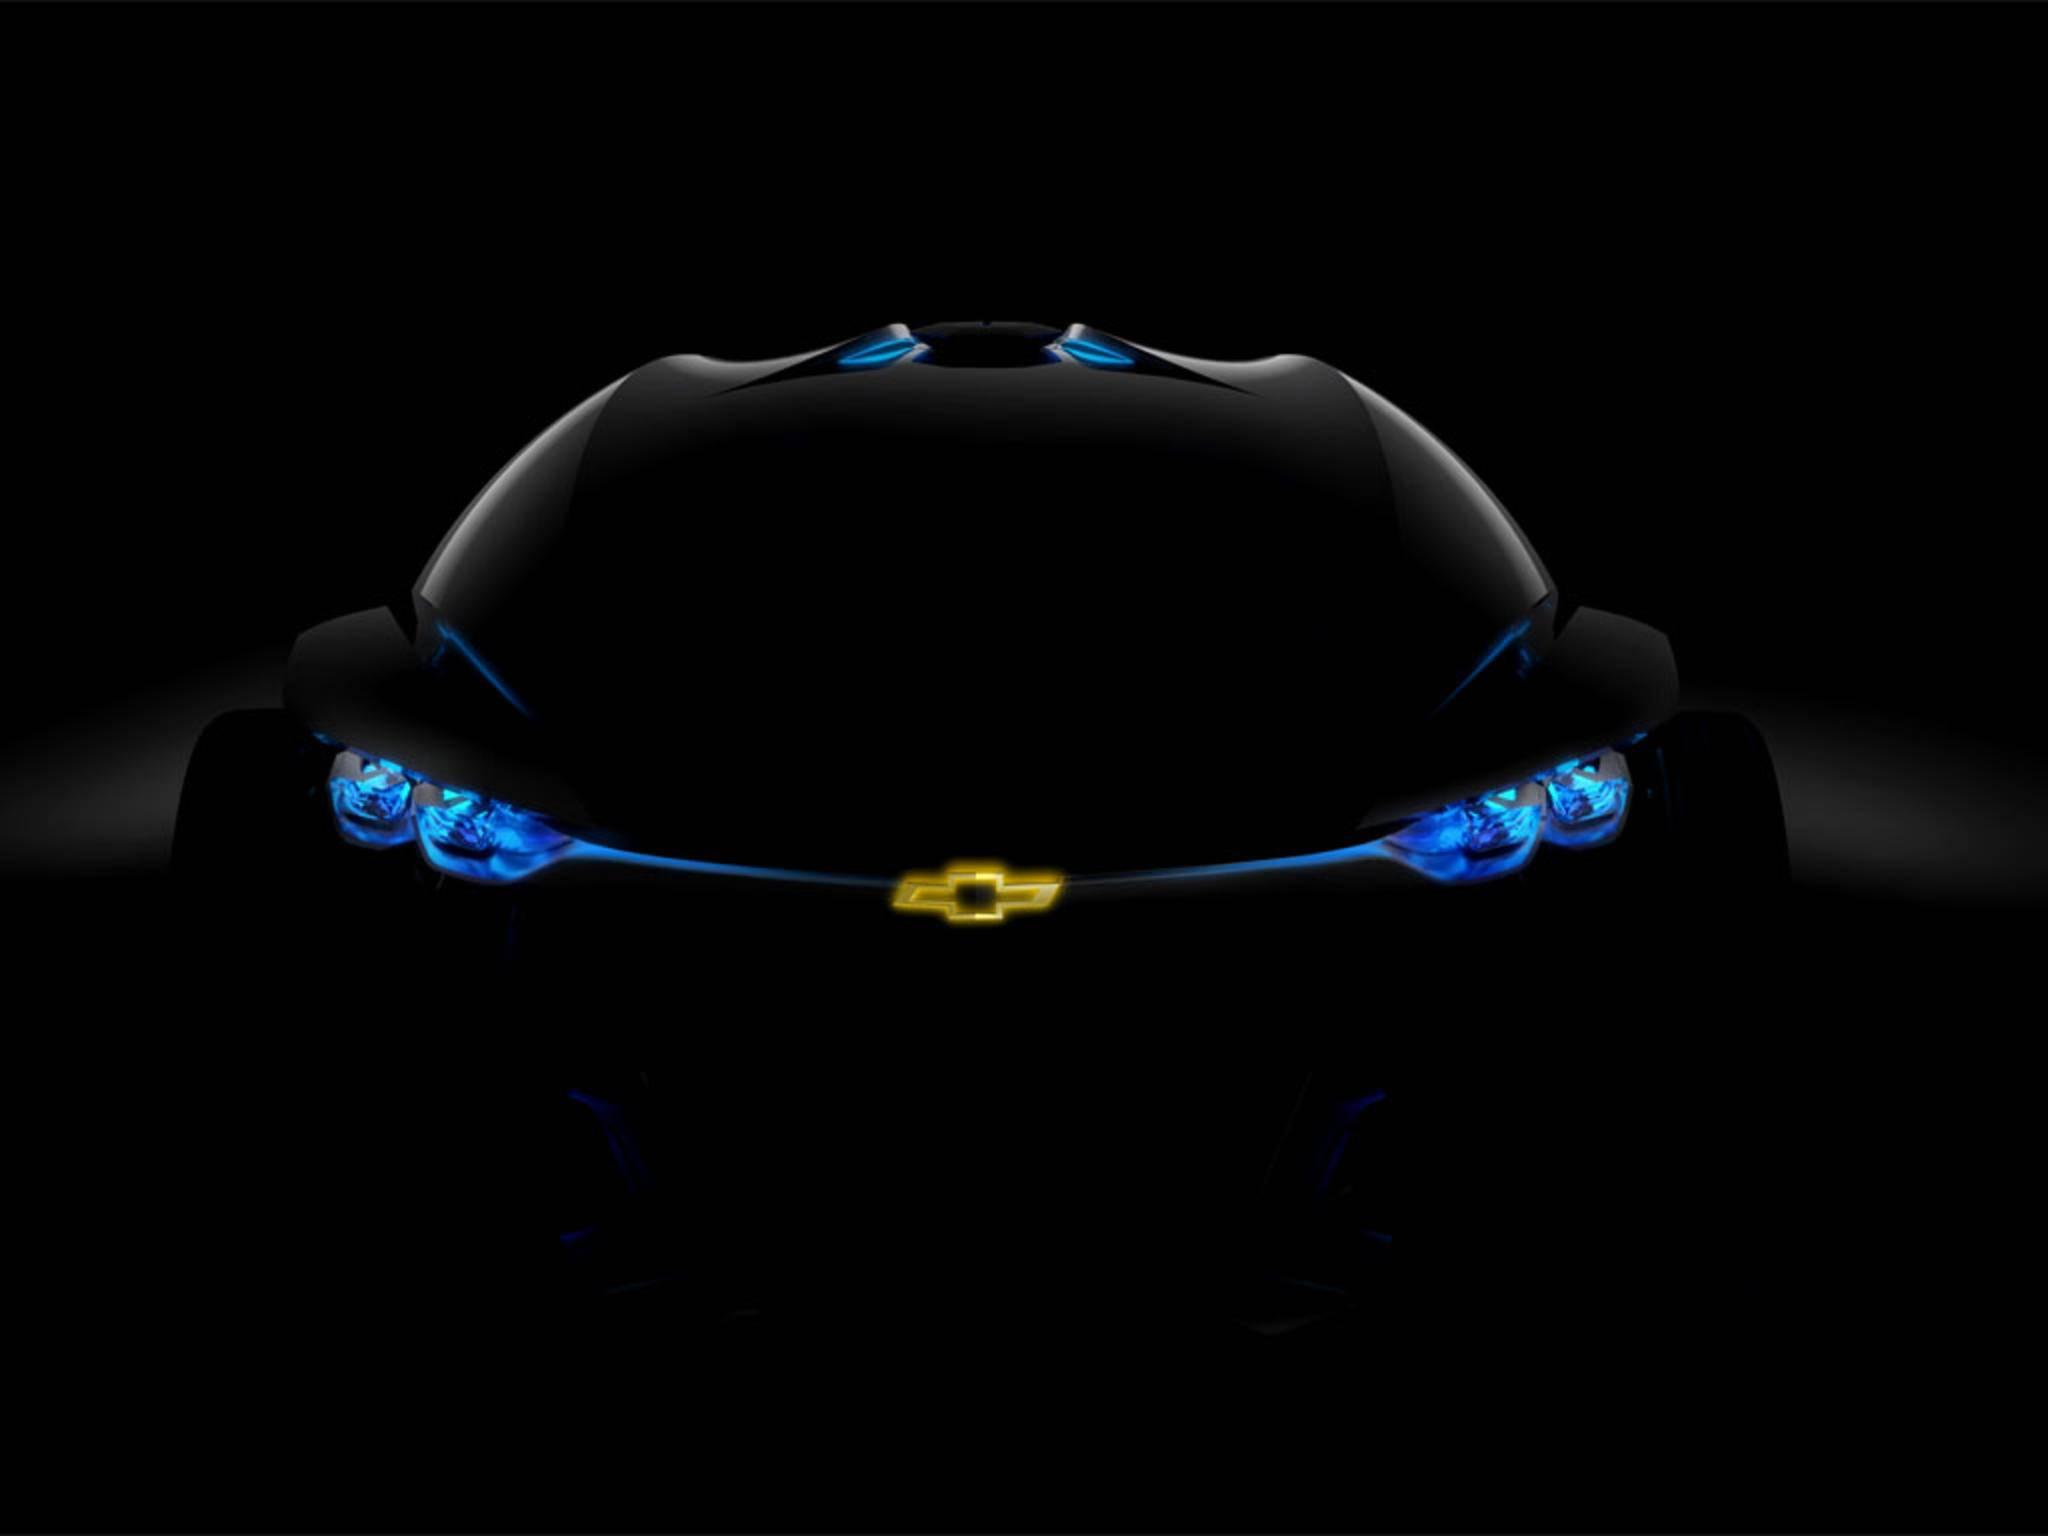 Die Schweinwerfer haben unter anderem blaue LEDs.